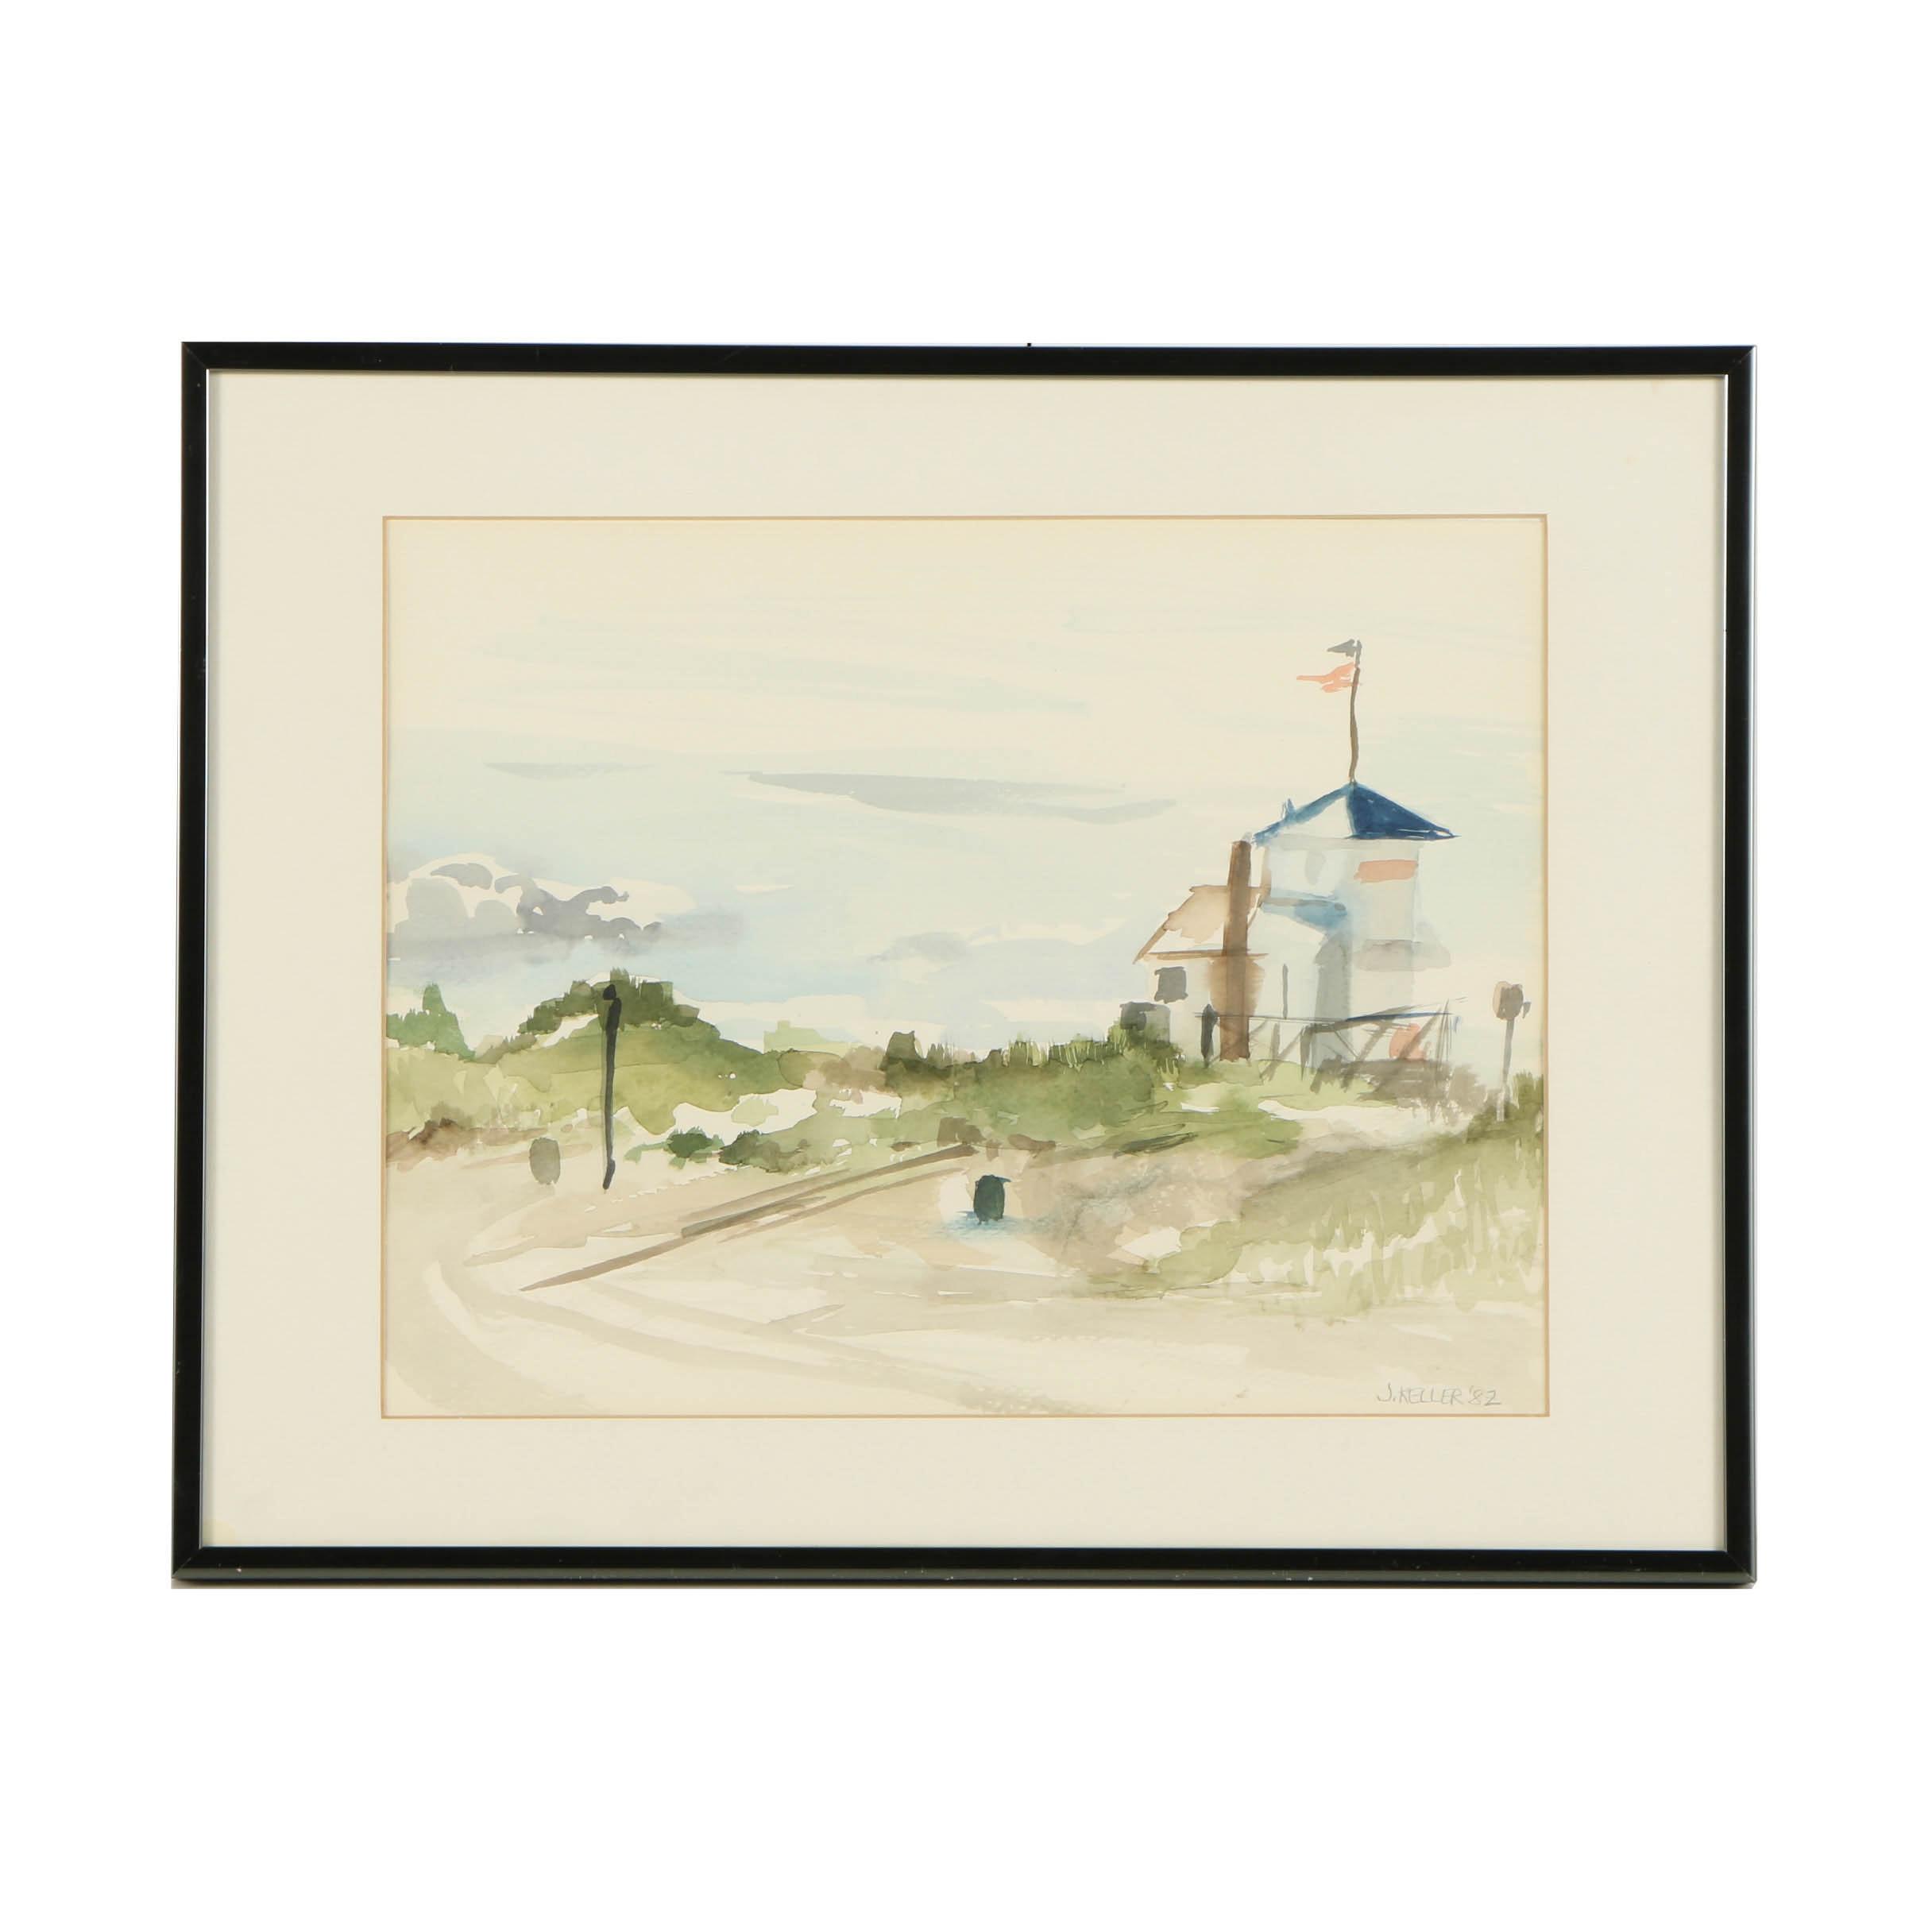 J. Keller 1982 Watercolor Painting on Paper of Seaside Railroad Crossing